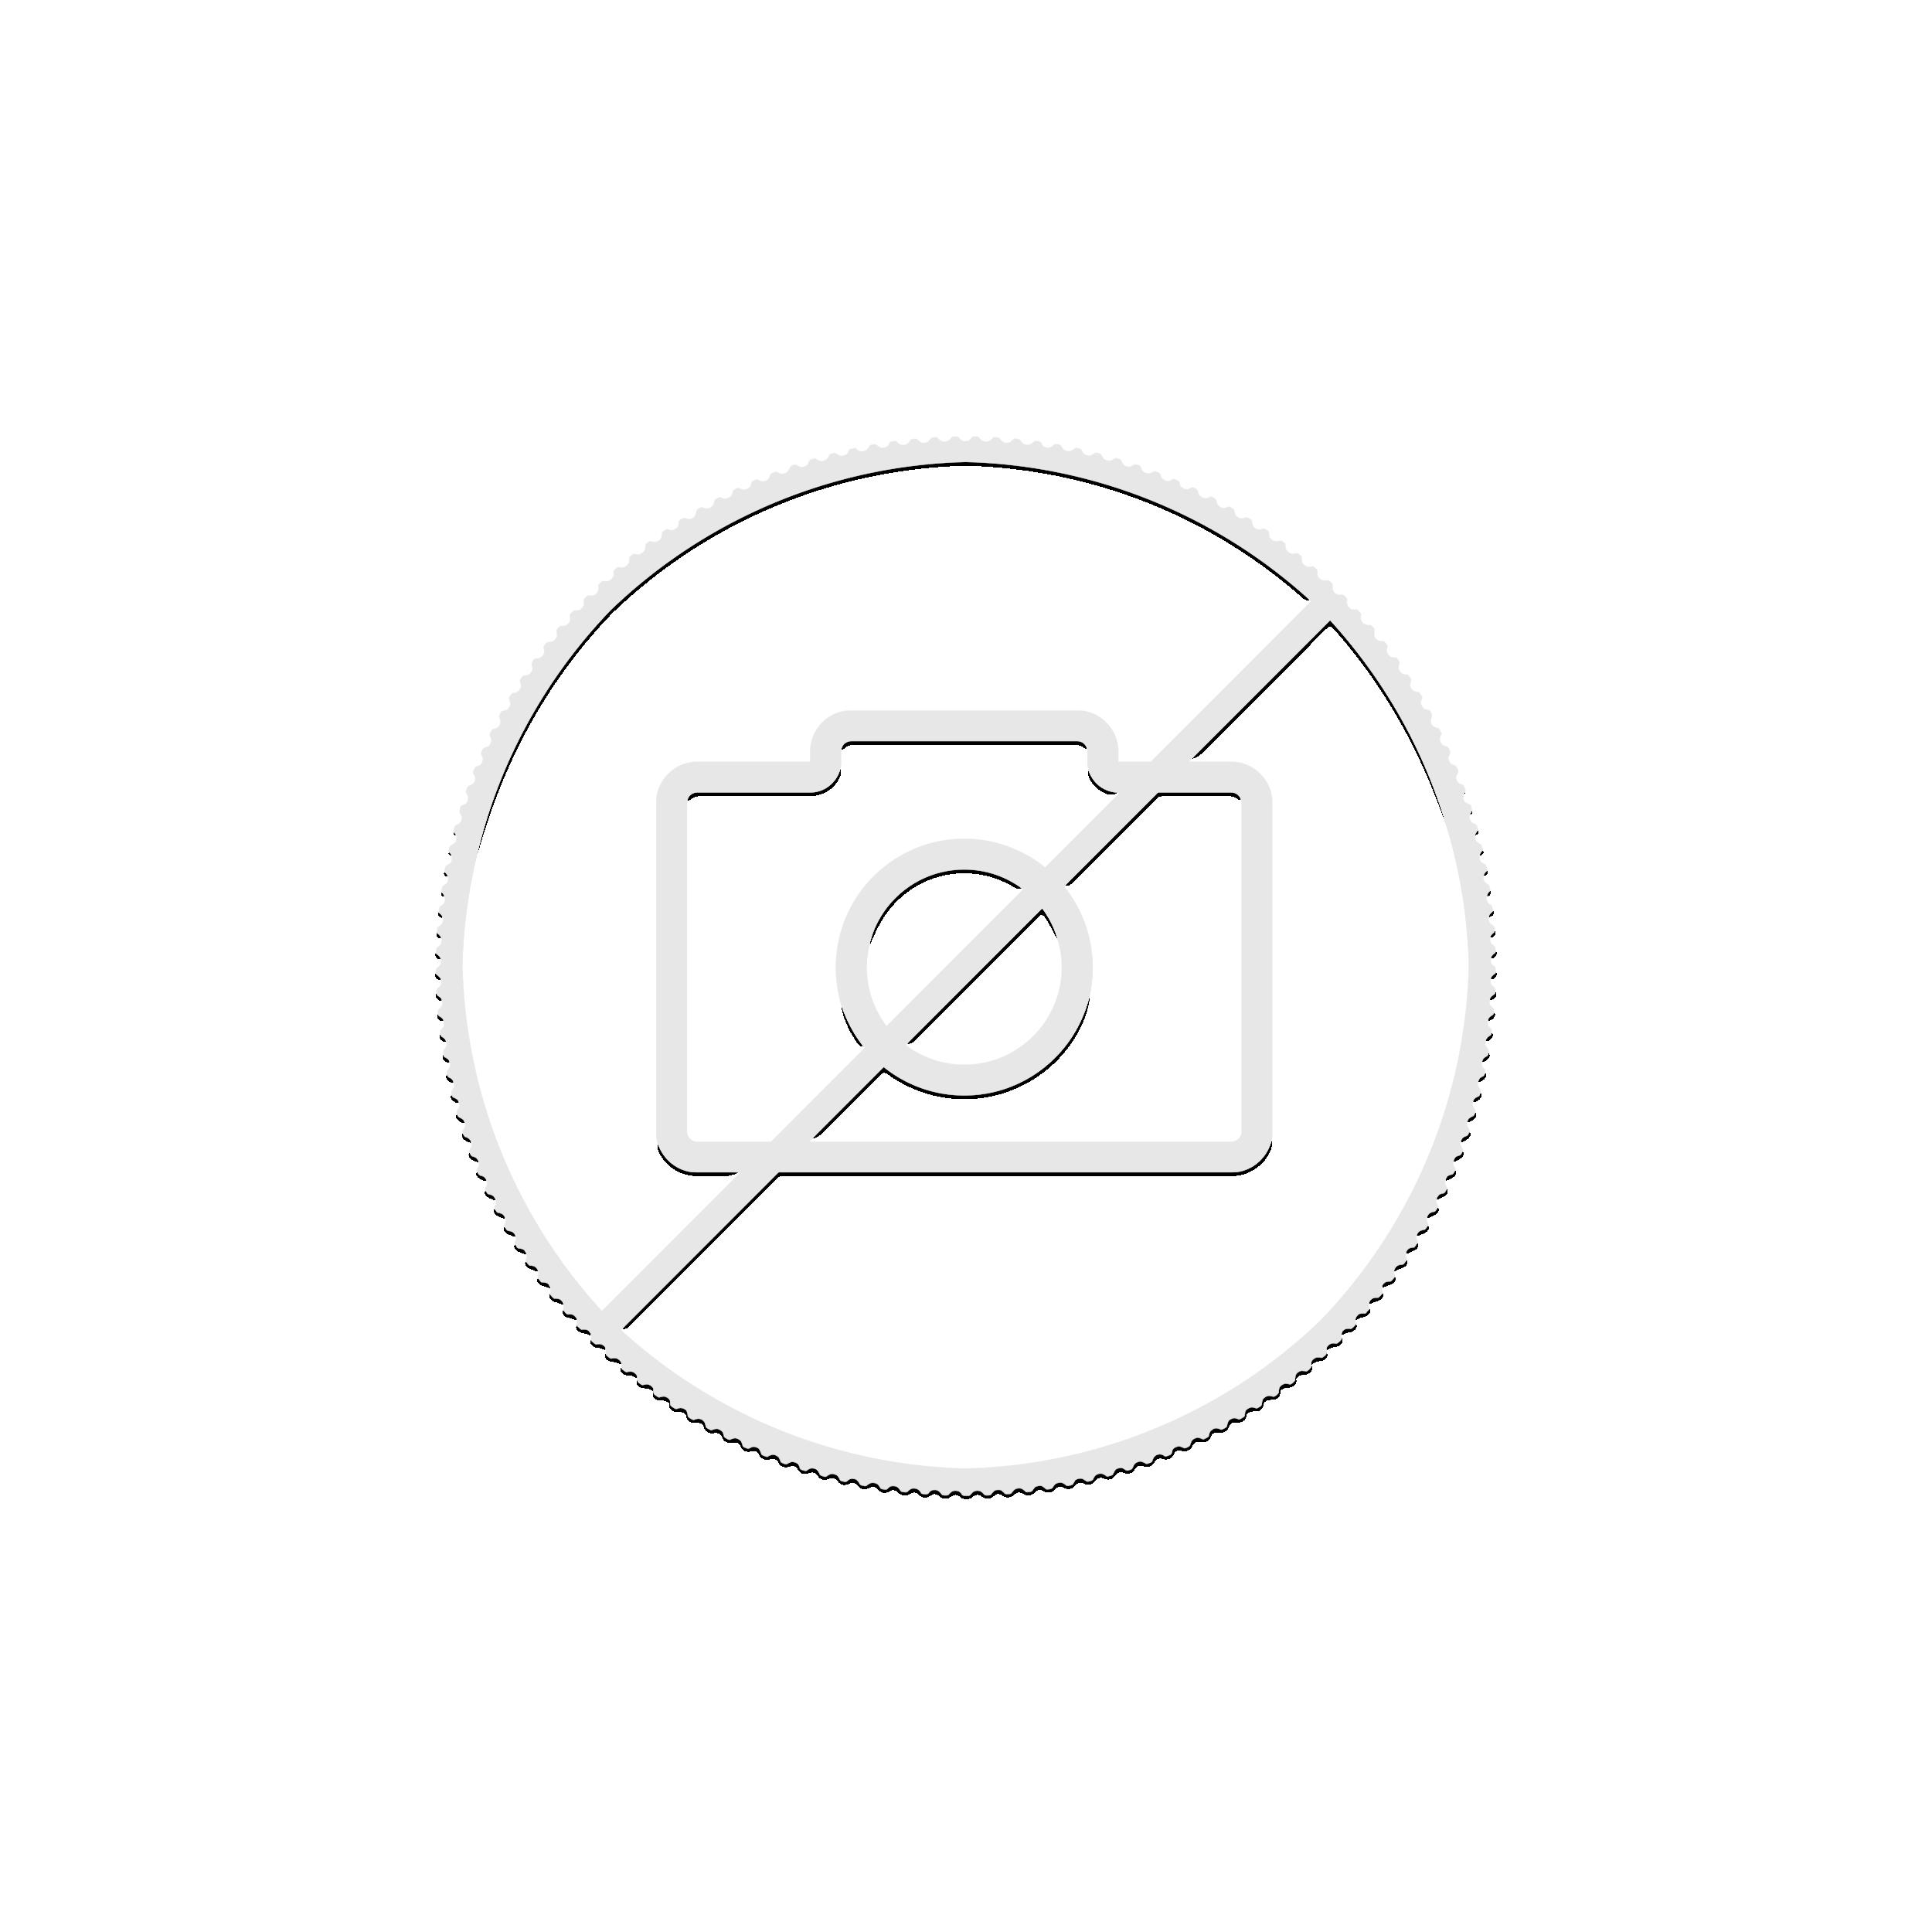 1 Kilo gouden munt Kangaroo 2021 - Achterkant